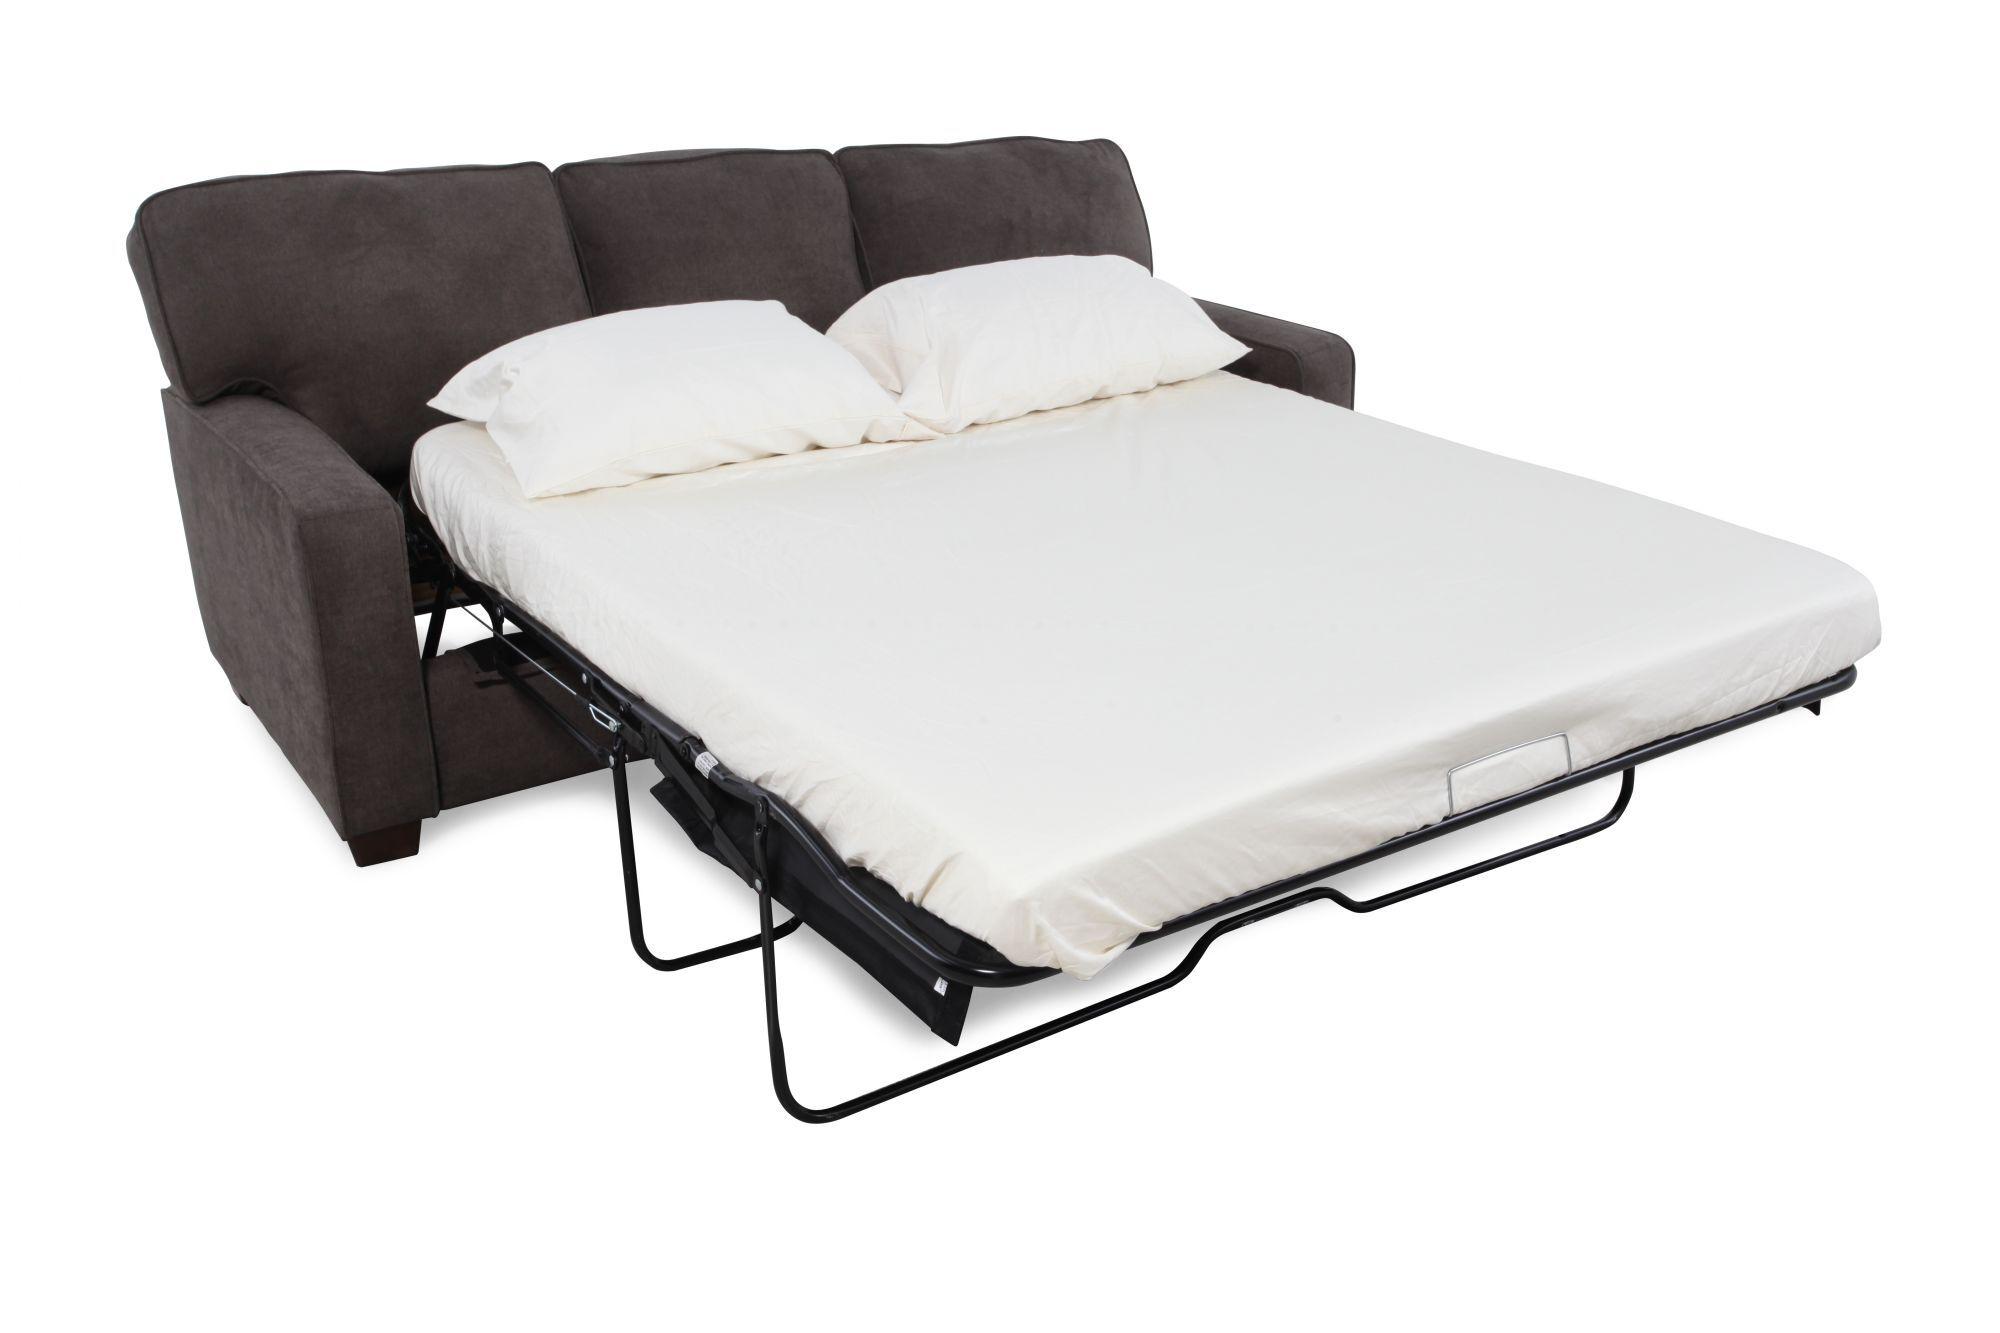 ... Casual 82u0026quot; Queen Sleeper Sofa In Dark Granite Gray